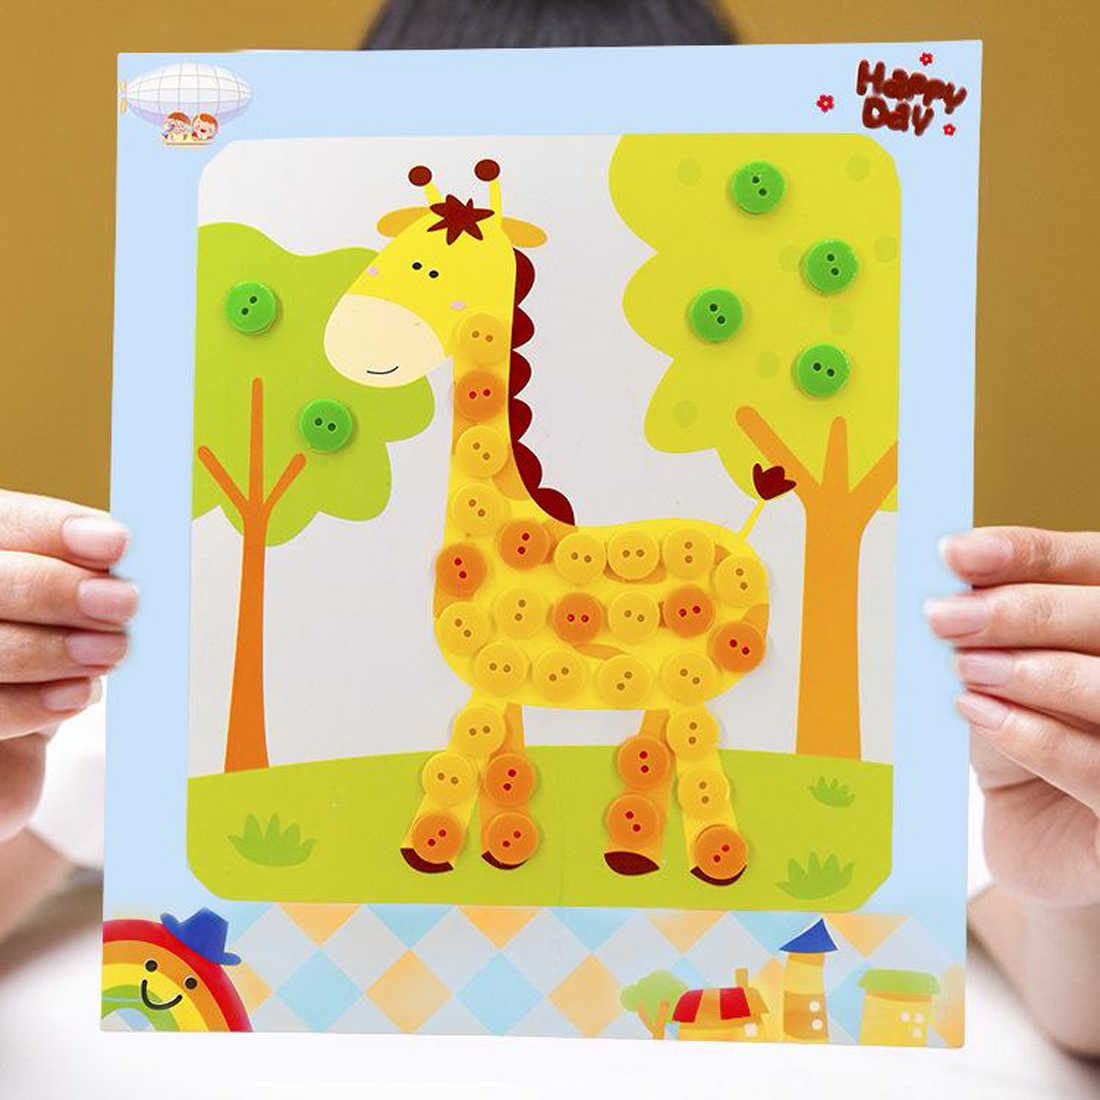 Fatti a Mano di Scuola Classe di Arte Della Pittura di Disegno Disegno Del Mestiere Kit per Bambini Precoce Educativo per Bambini Fai da Te Adesivi Pulsante Giochi di Disegno Divertente Gioco